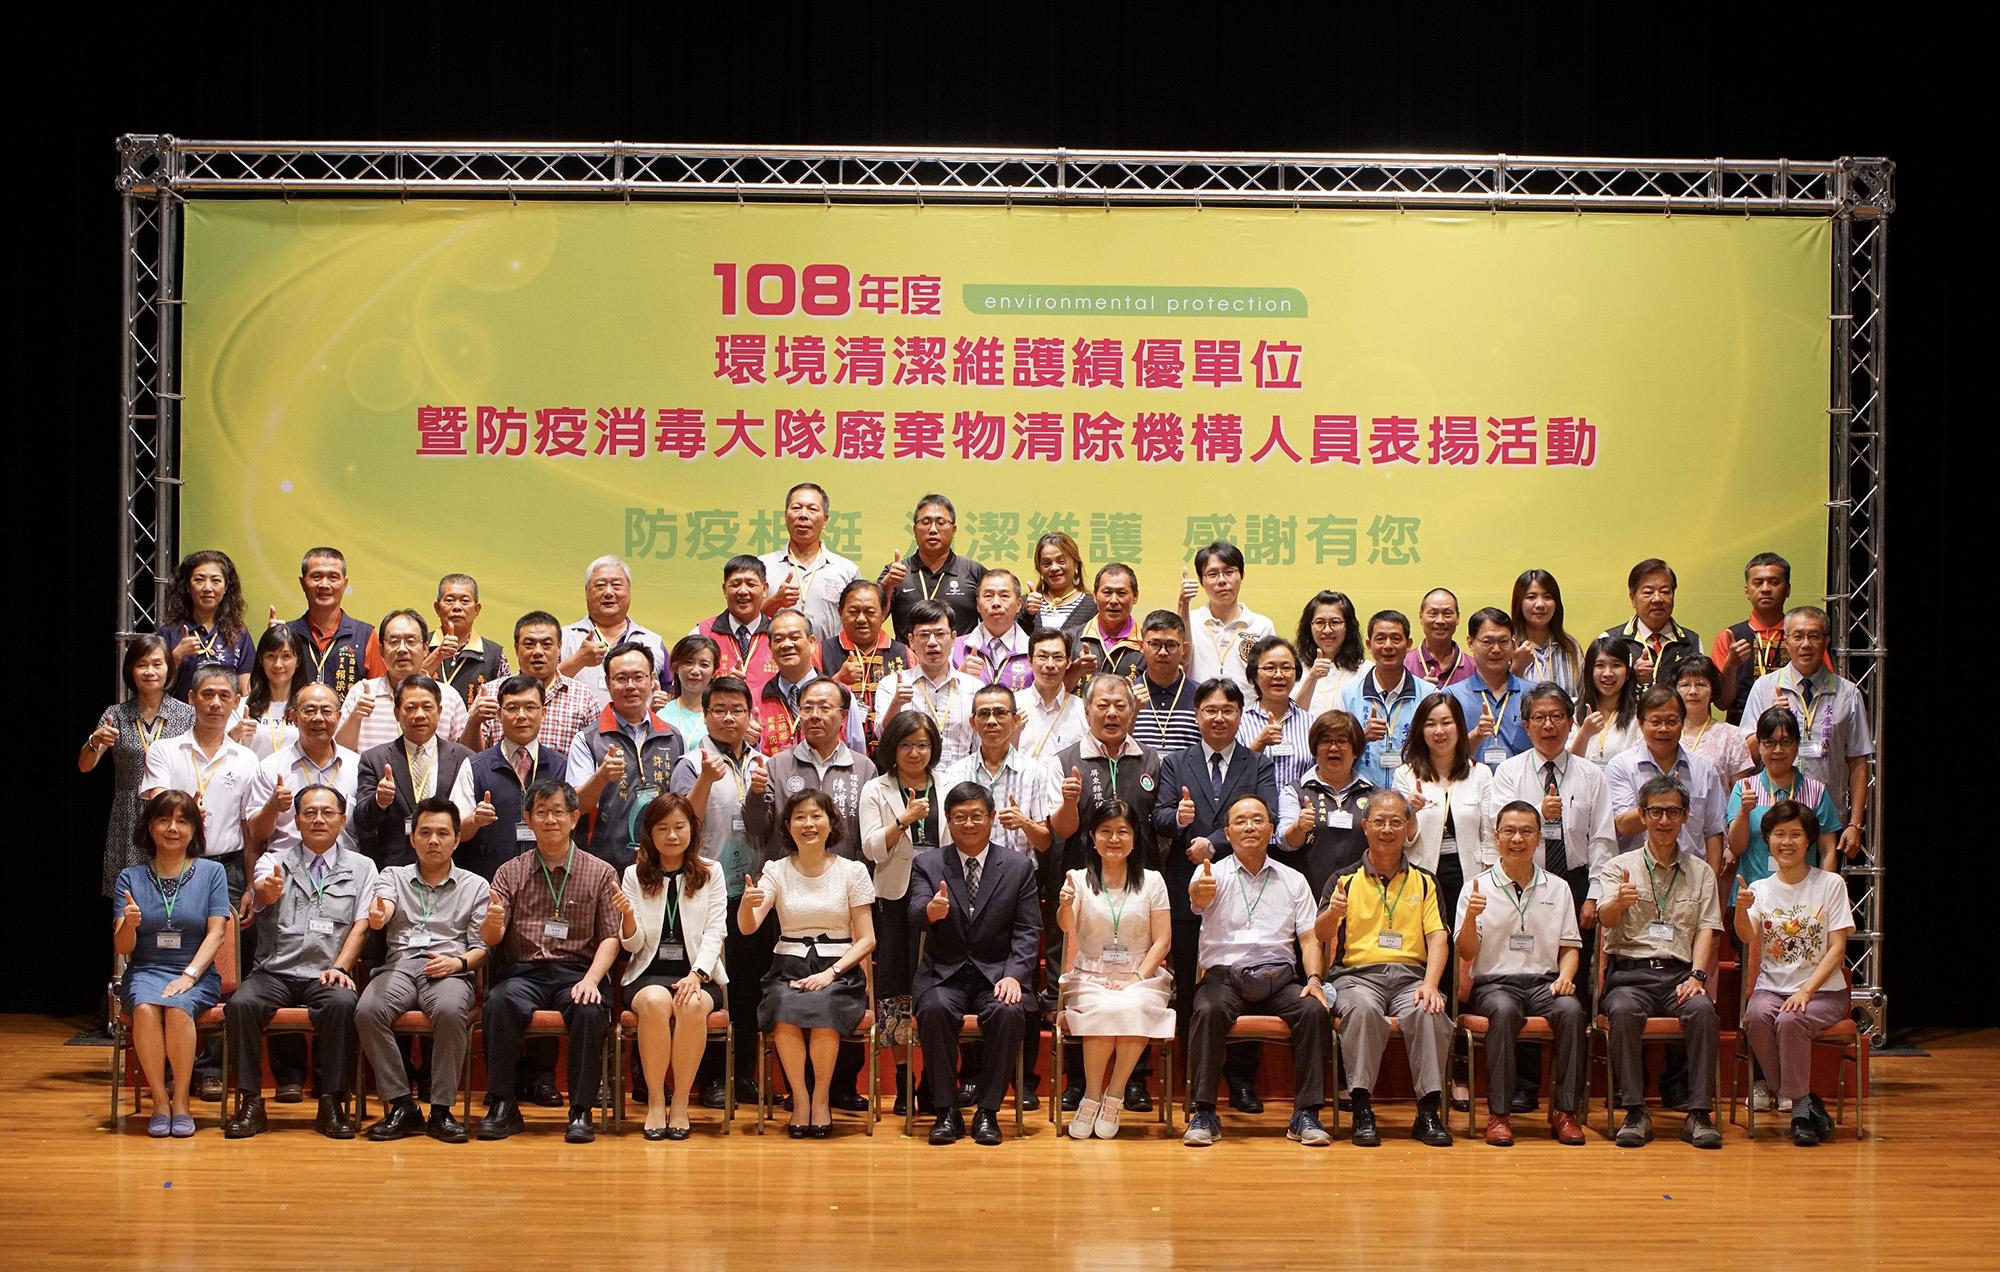 108年環境清潔維護考核績優單位大合照。